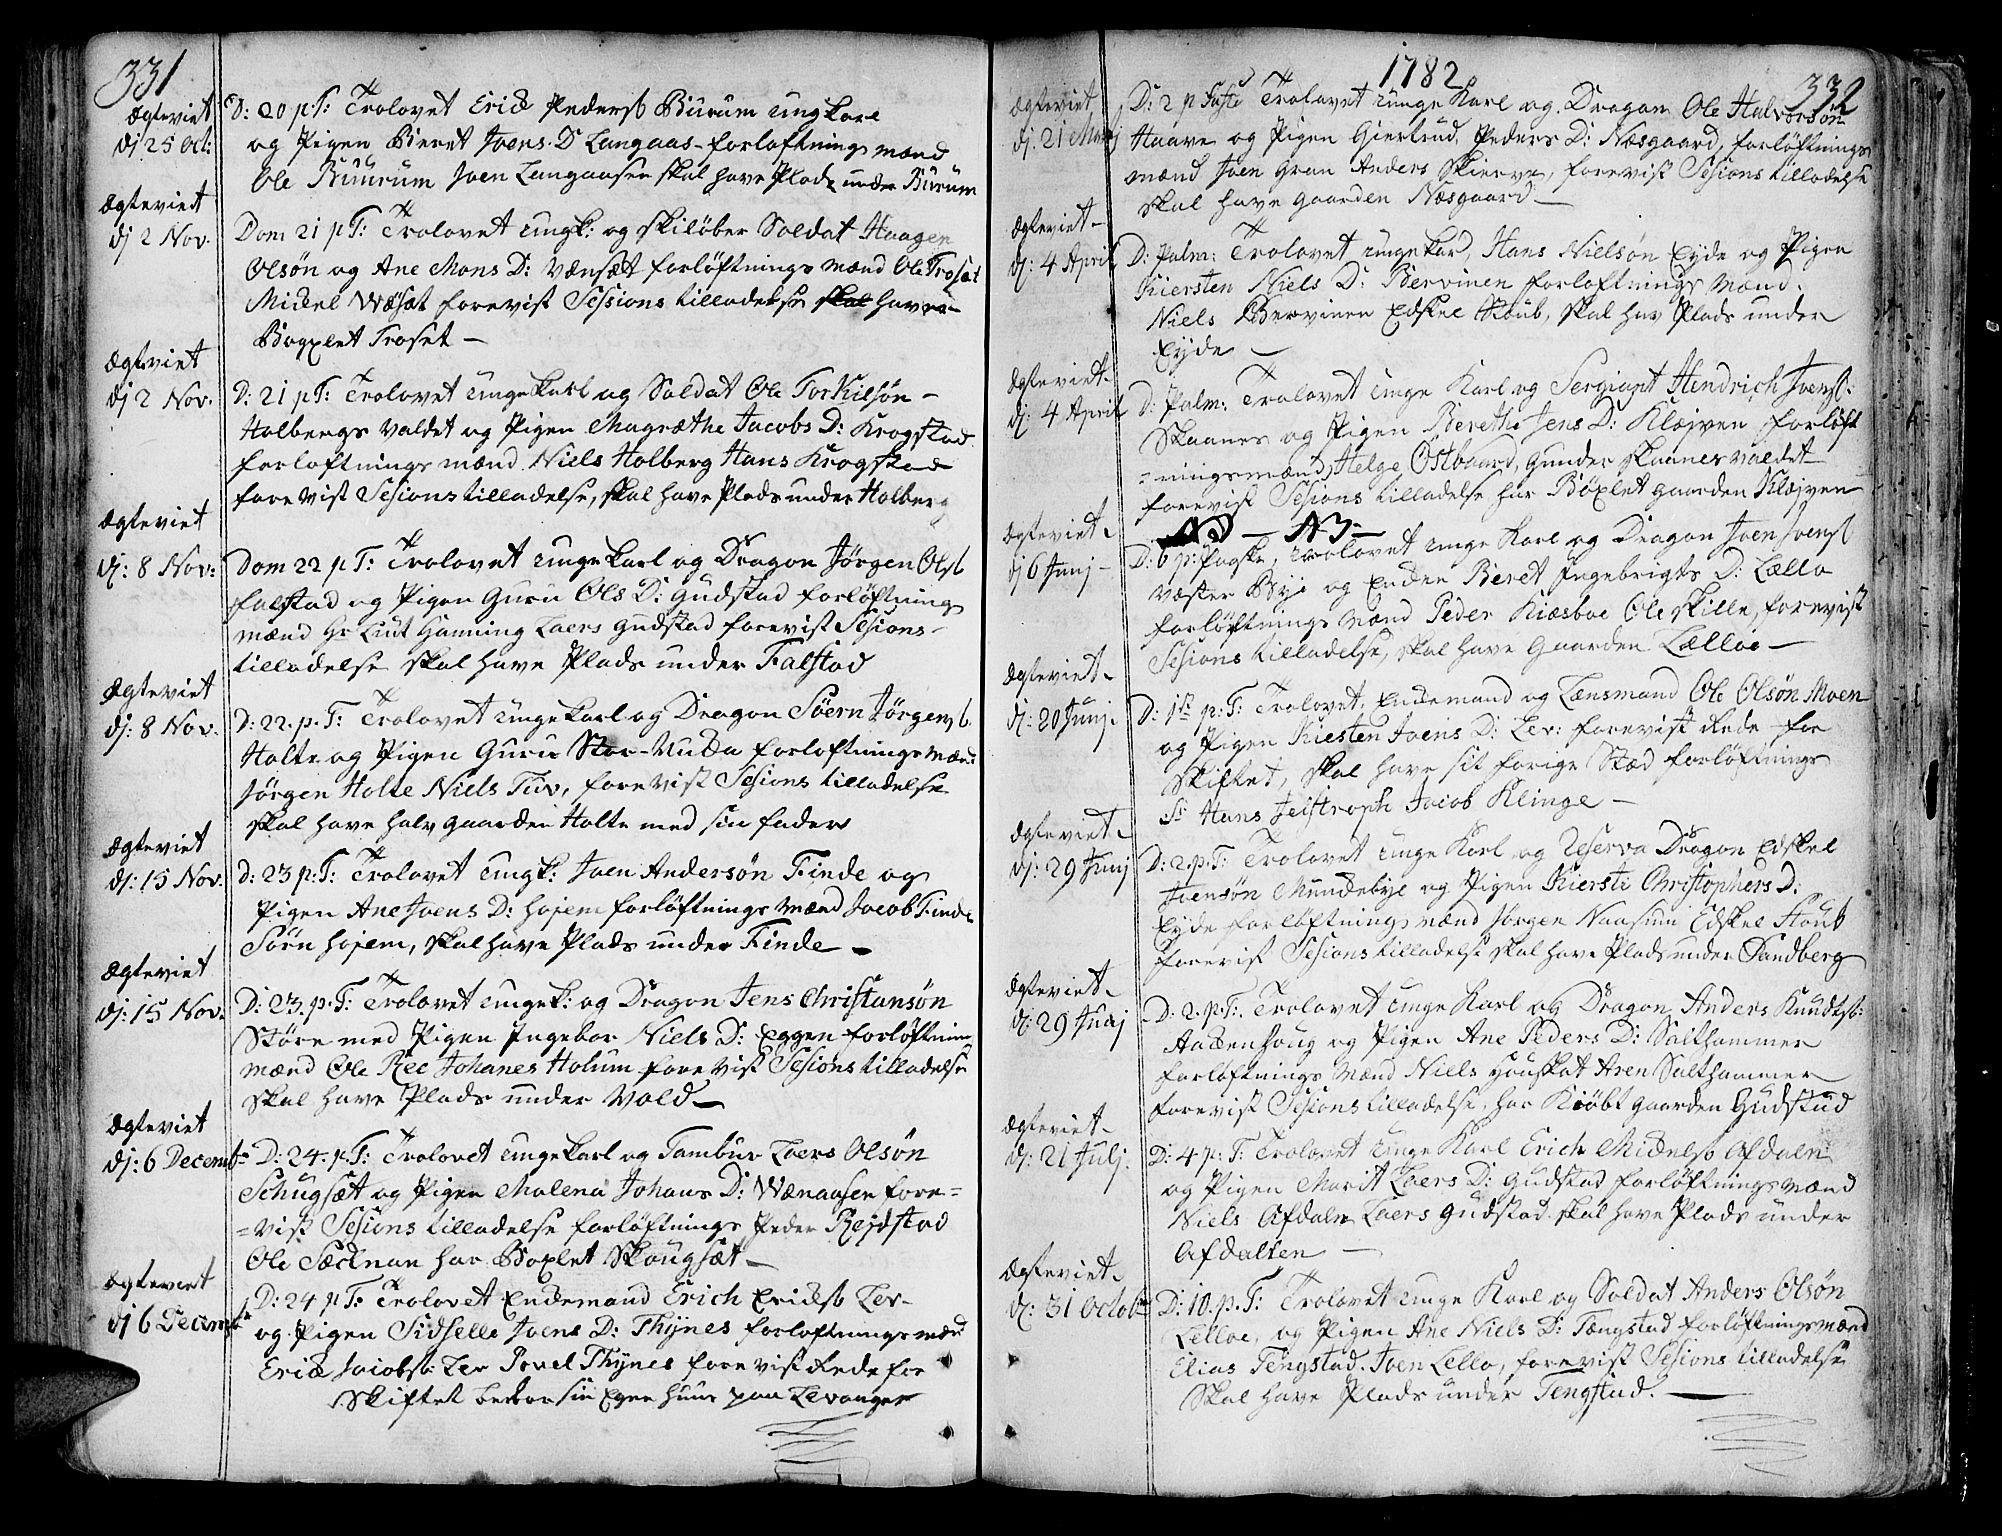 SAT, Ministerialprotokoller, klokkerbøker og fødselsregistre - Nord-Trøndelag, 717/L0141: Ministerialbok nr. 717A01, 1747-1803, s. 331-332